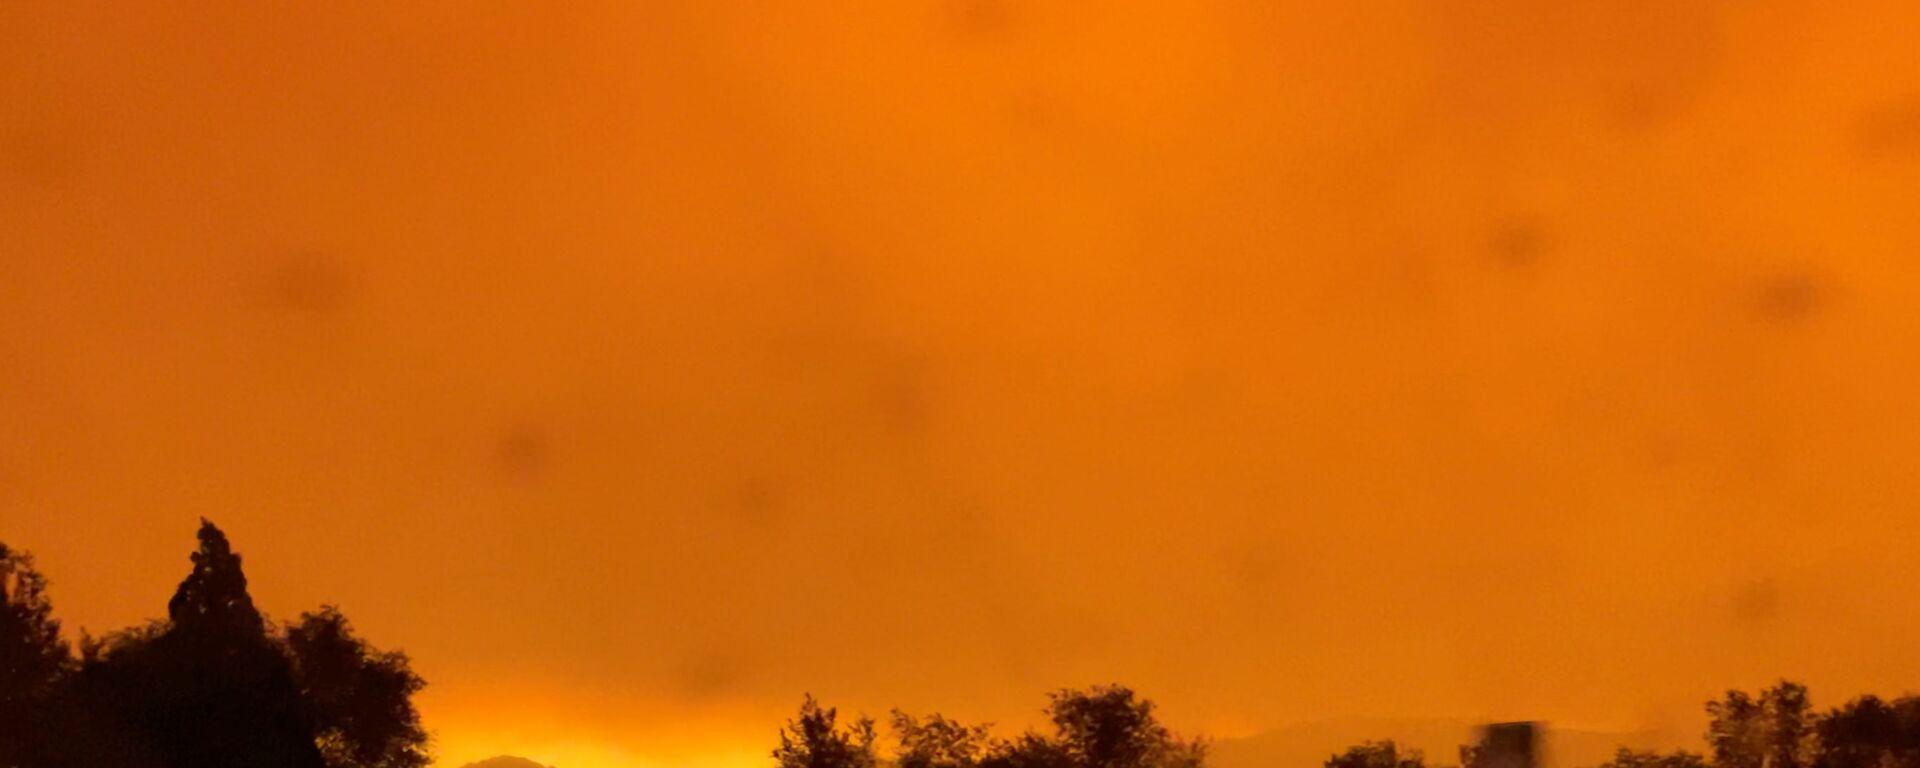 Waldbrand in Kalifornien - SNA, 1920, 28.08.2021